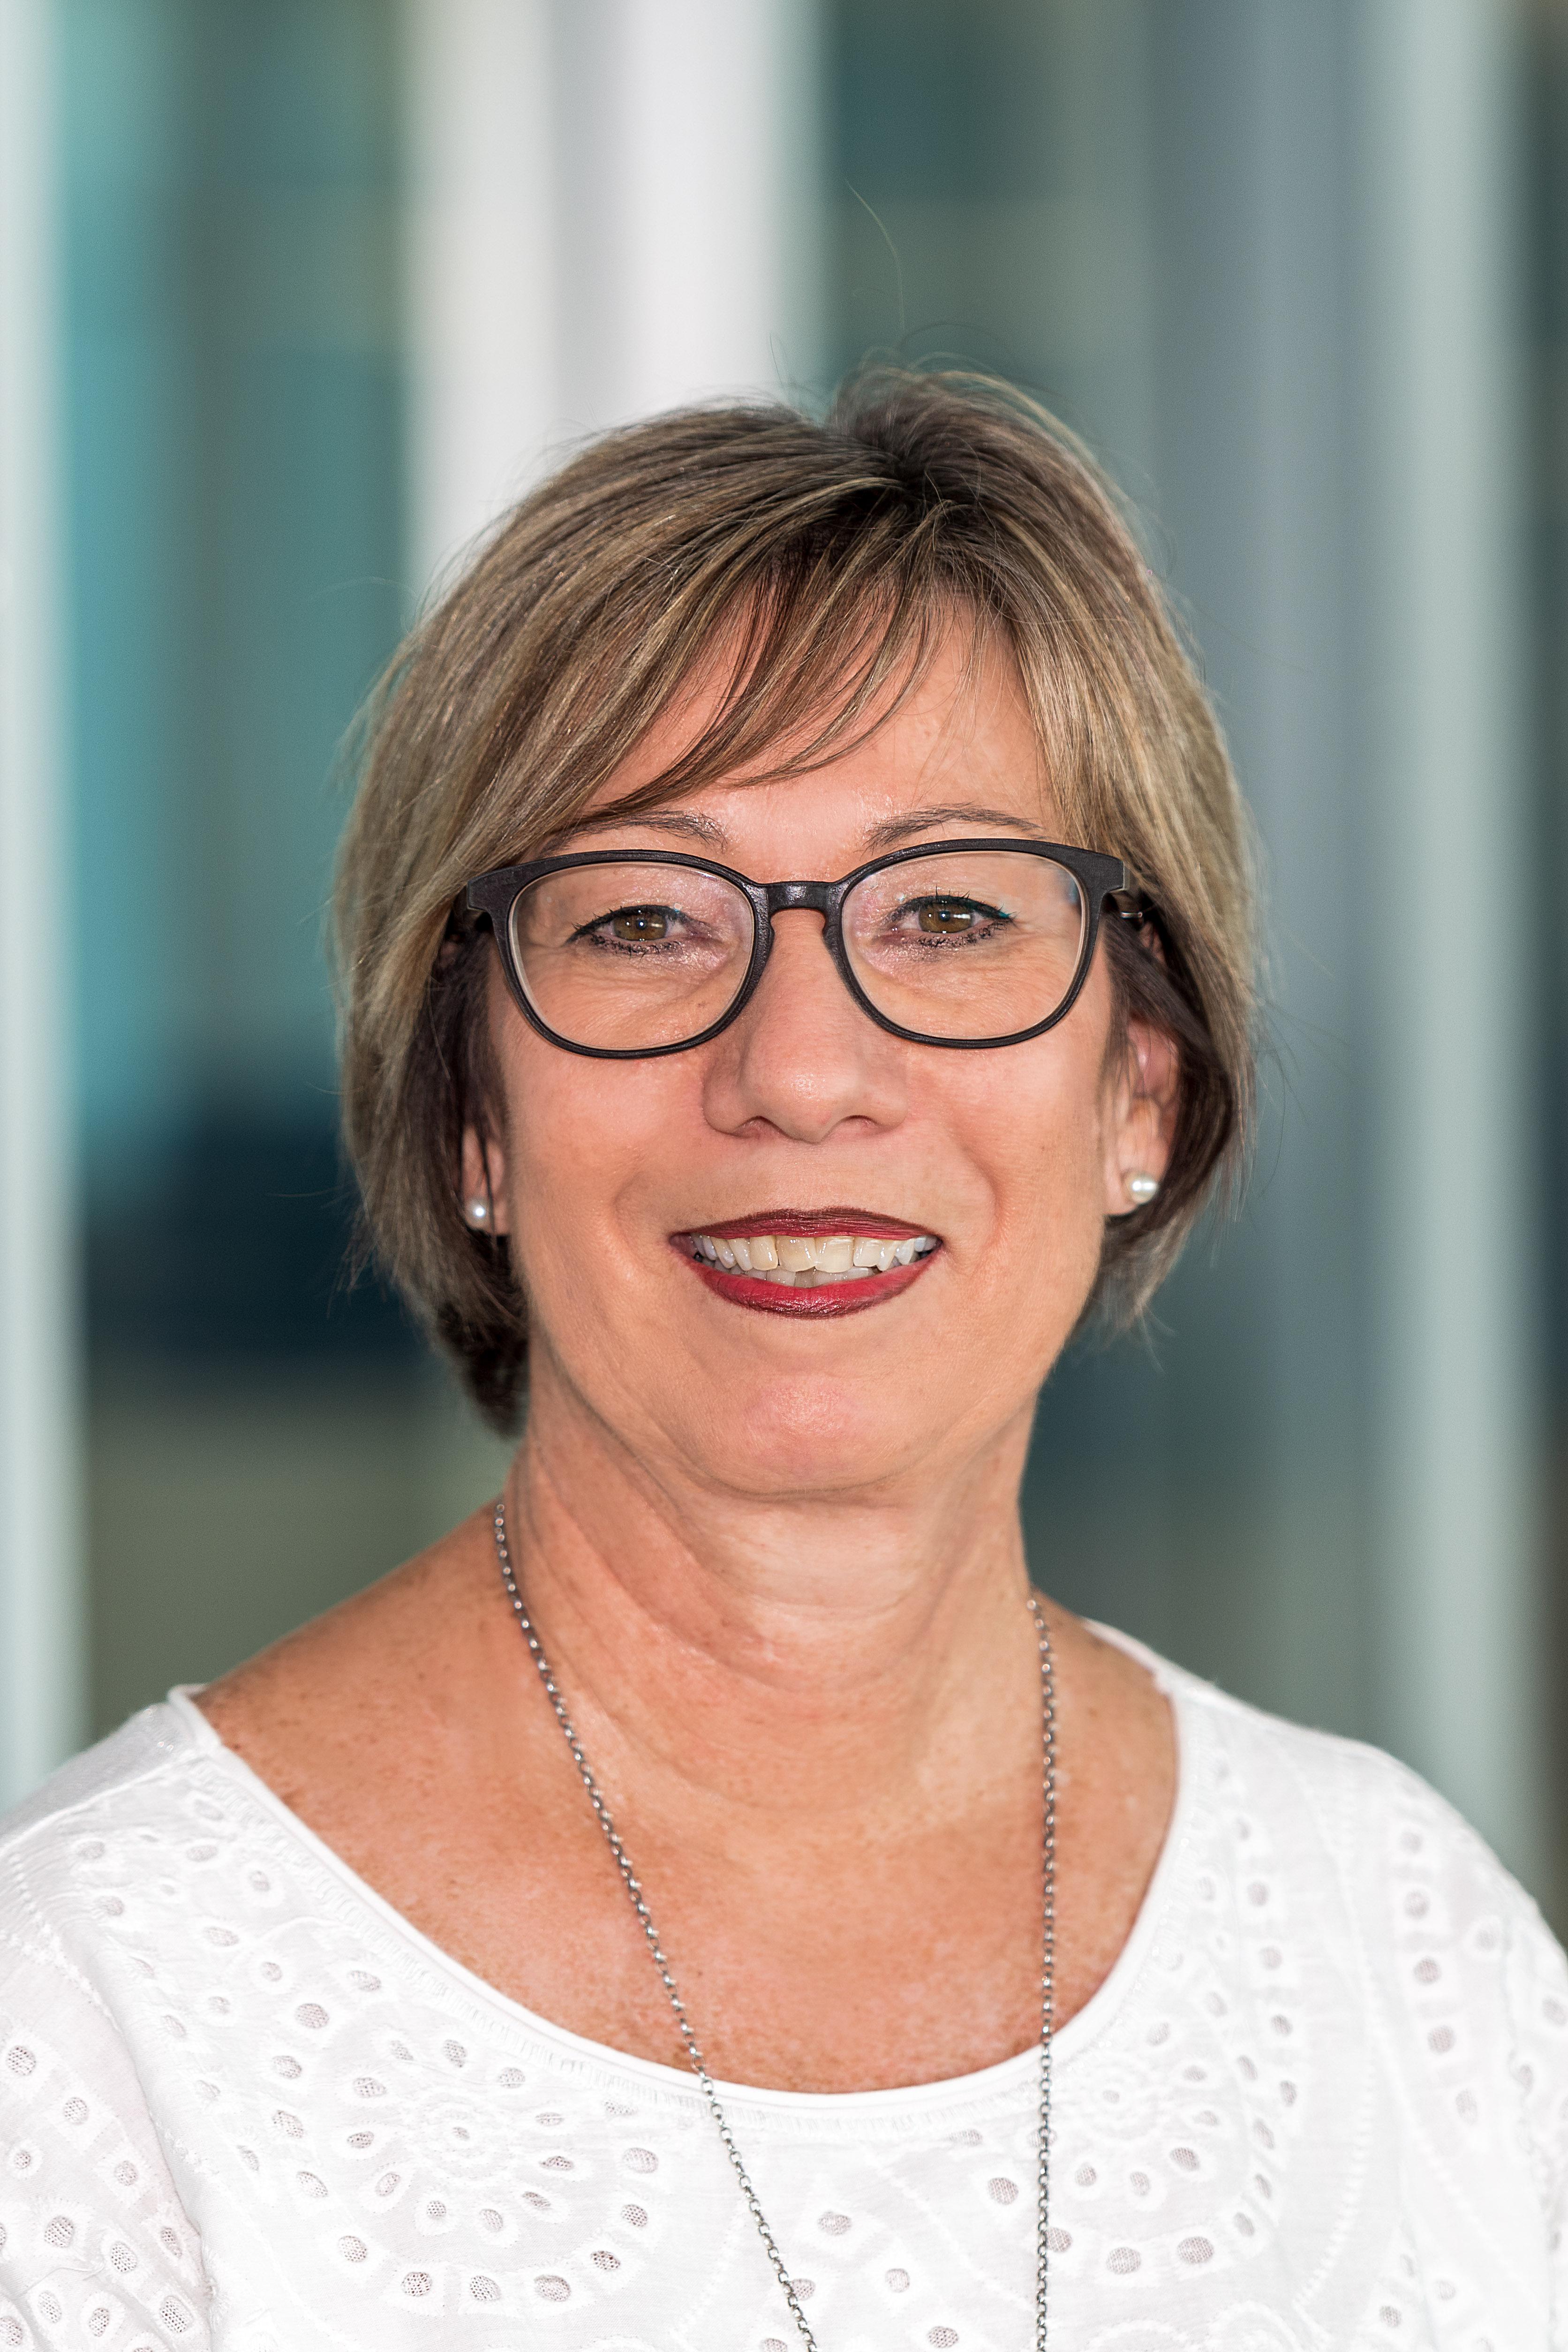 Heidi Stöckli, Untersiggenthal